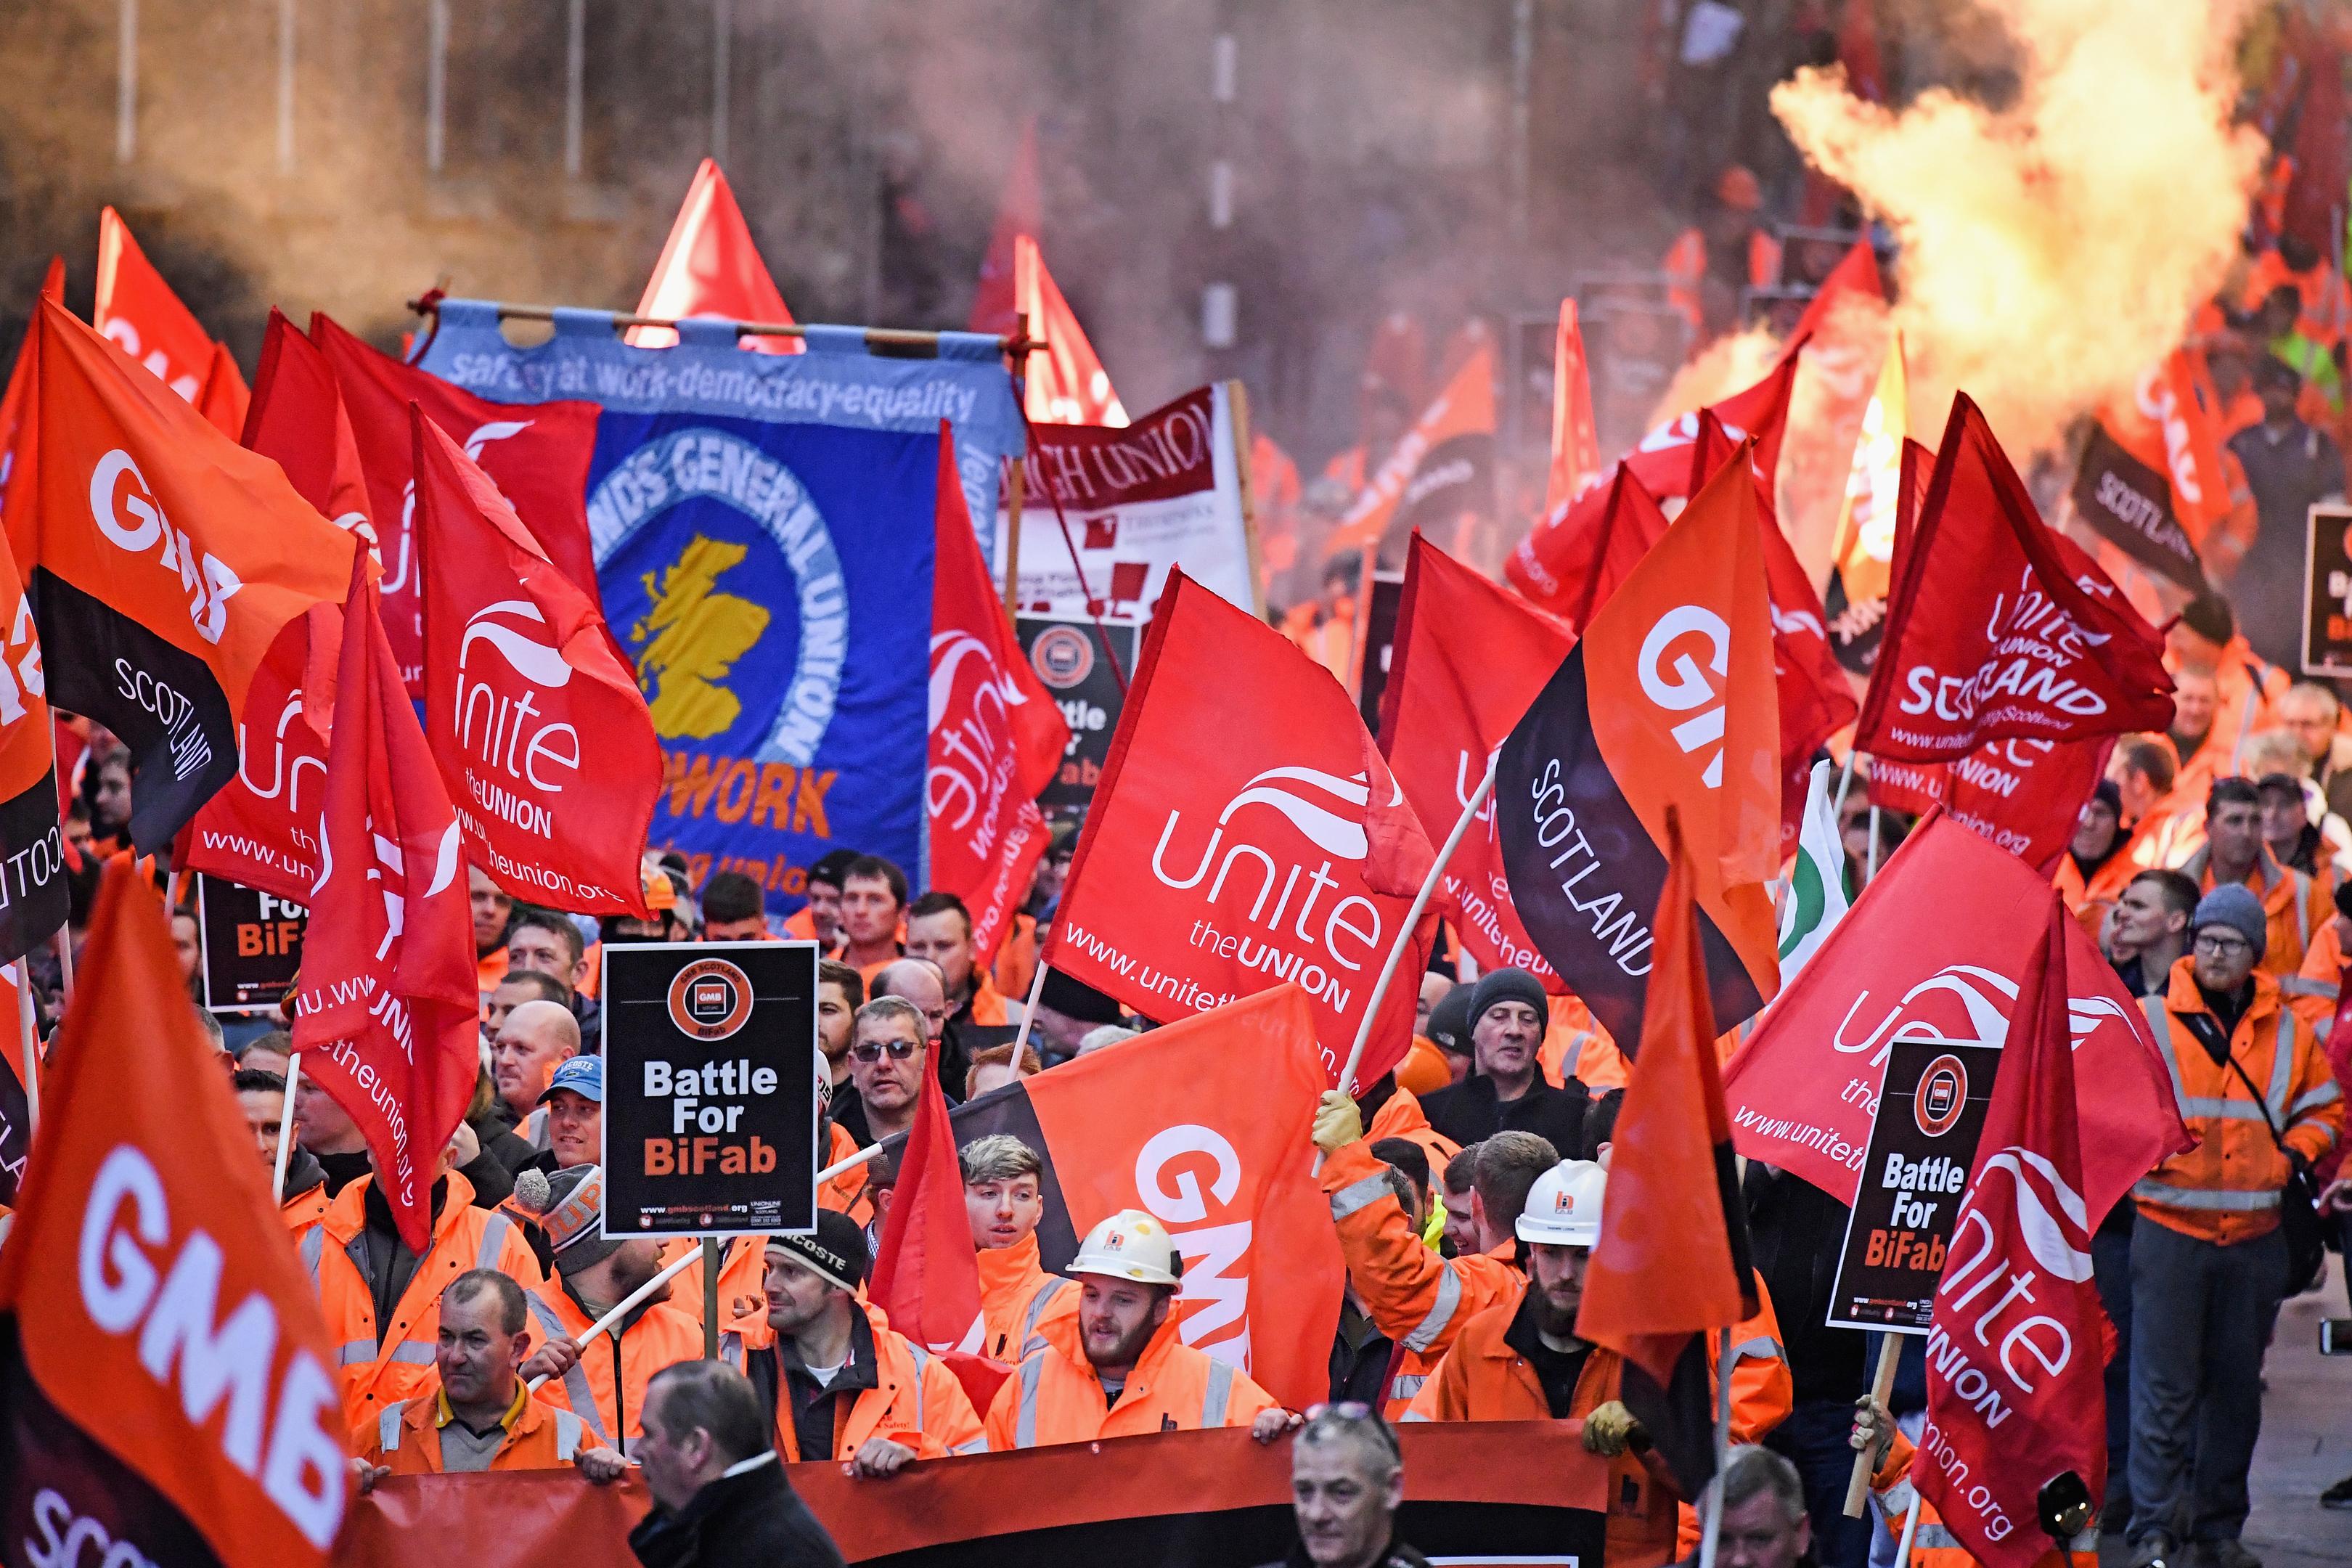 Workers from engineering firm BiFab held a demonstration in Edinburgh.